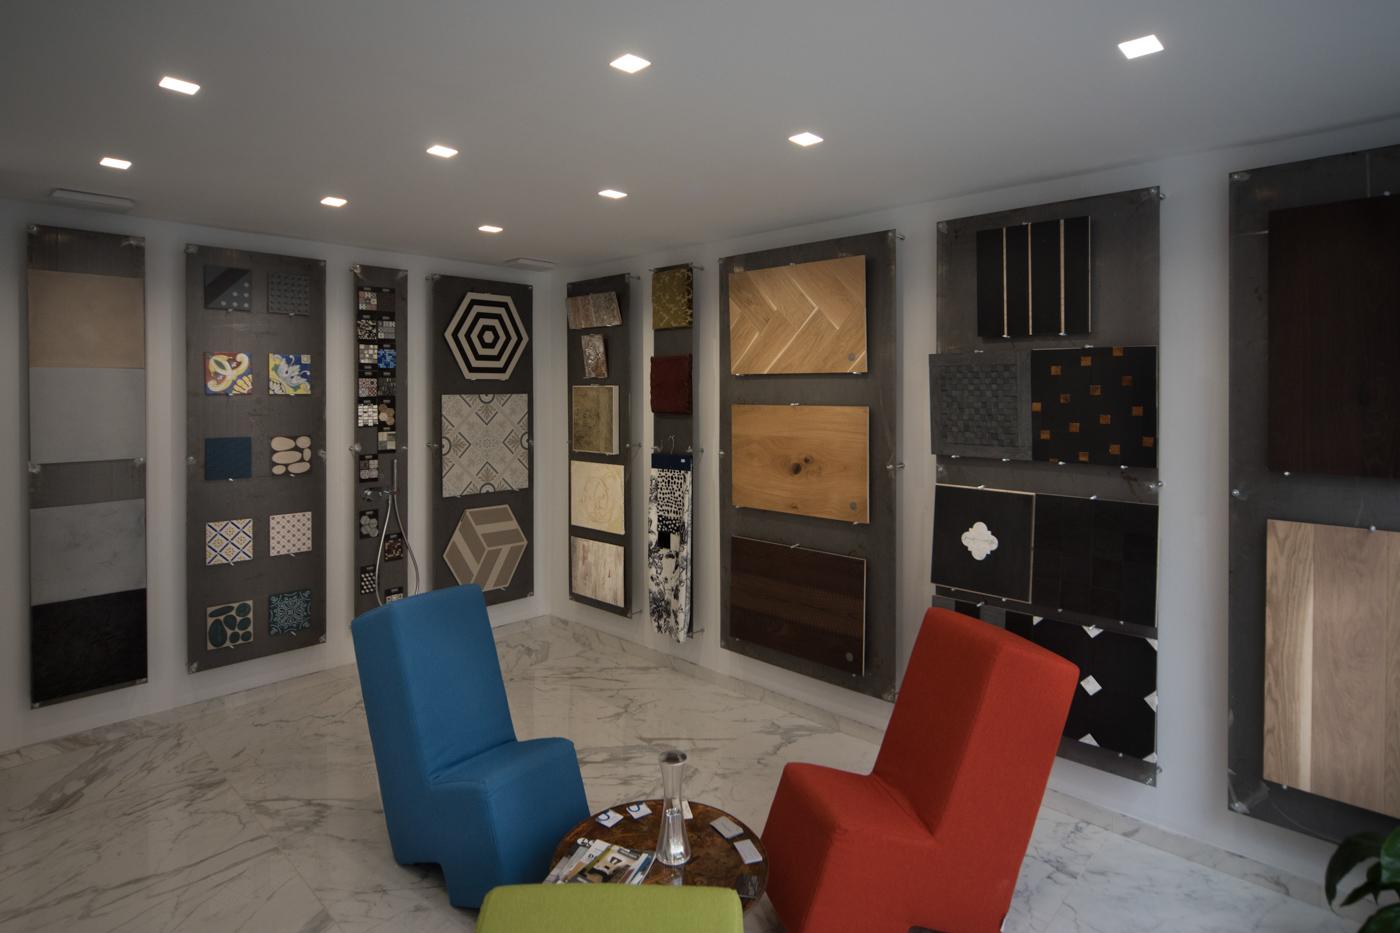 valentina solera, architetto, interior, ristrutturazione, genova, liguria, italy, interior5-2.jpg